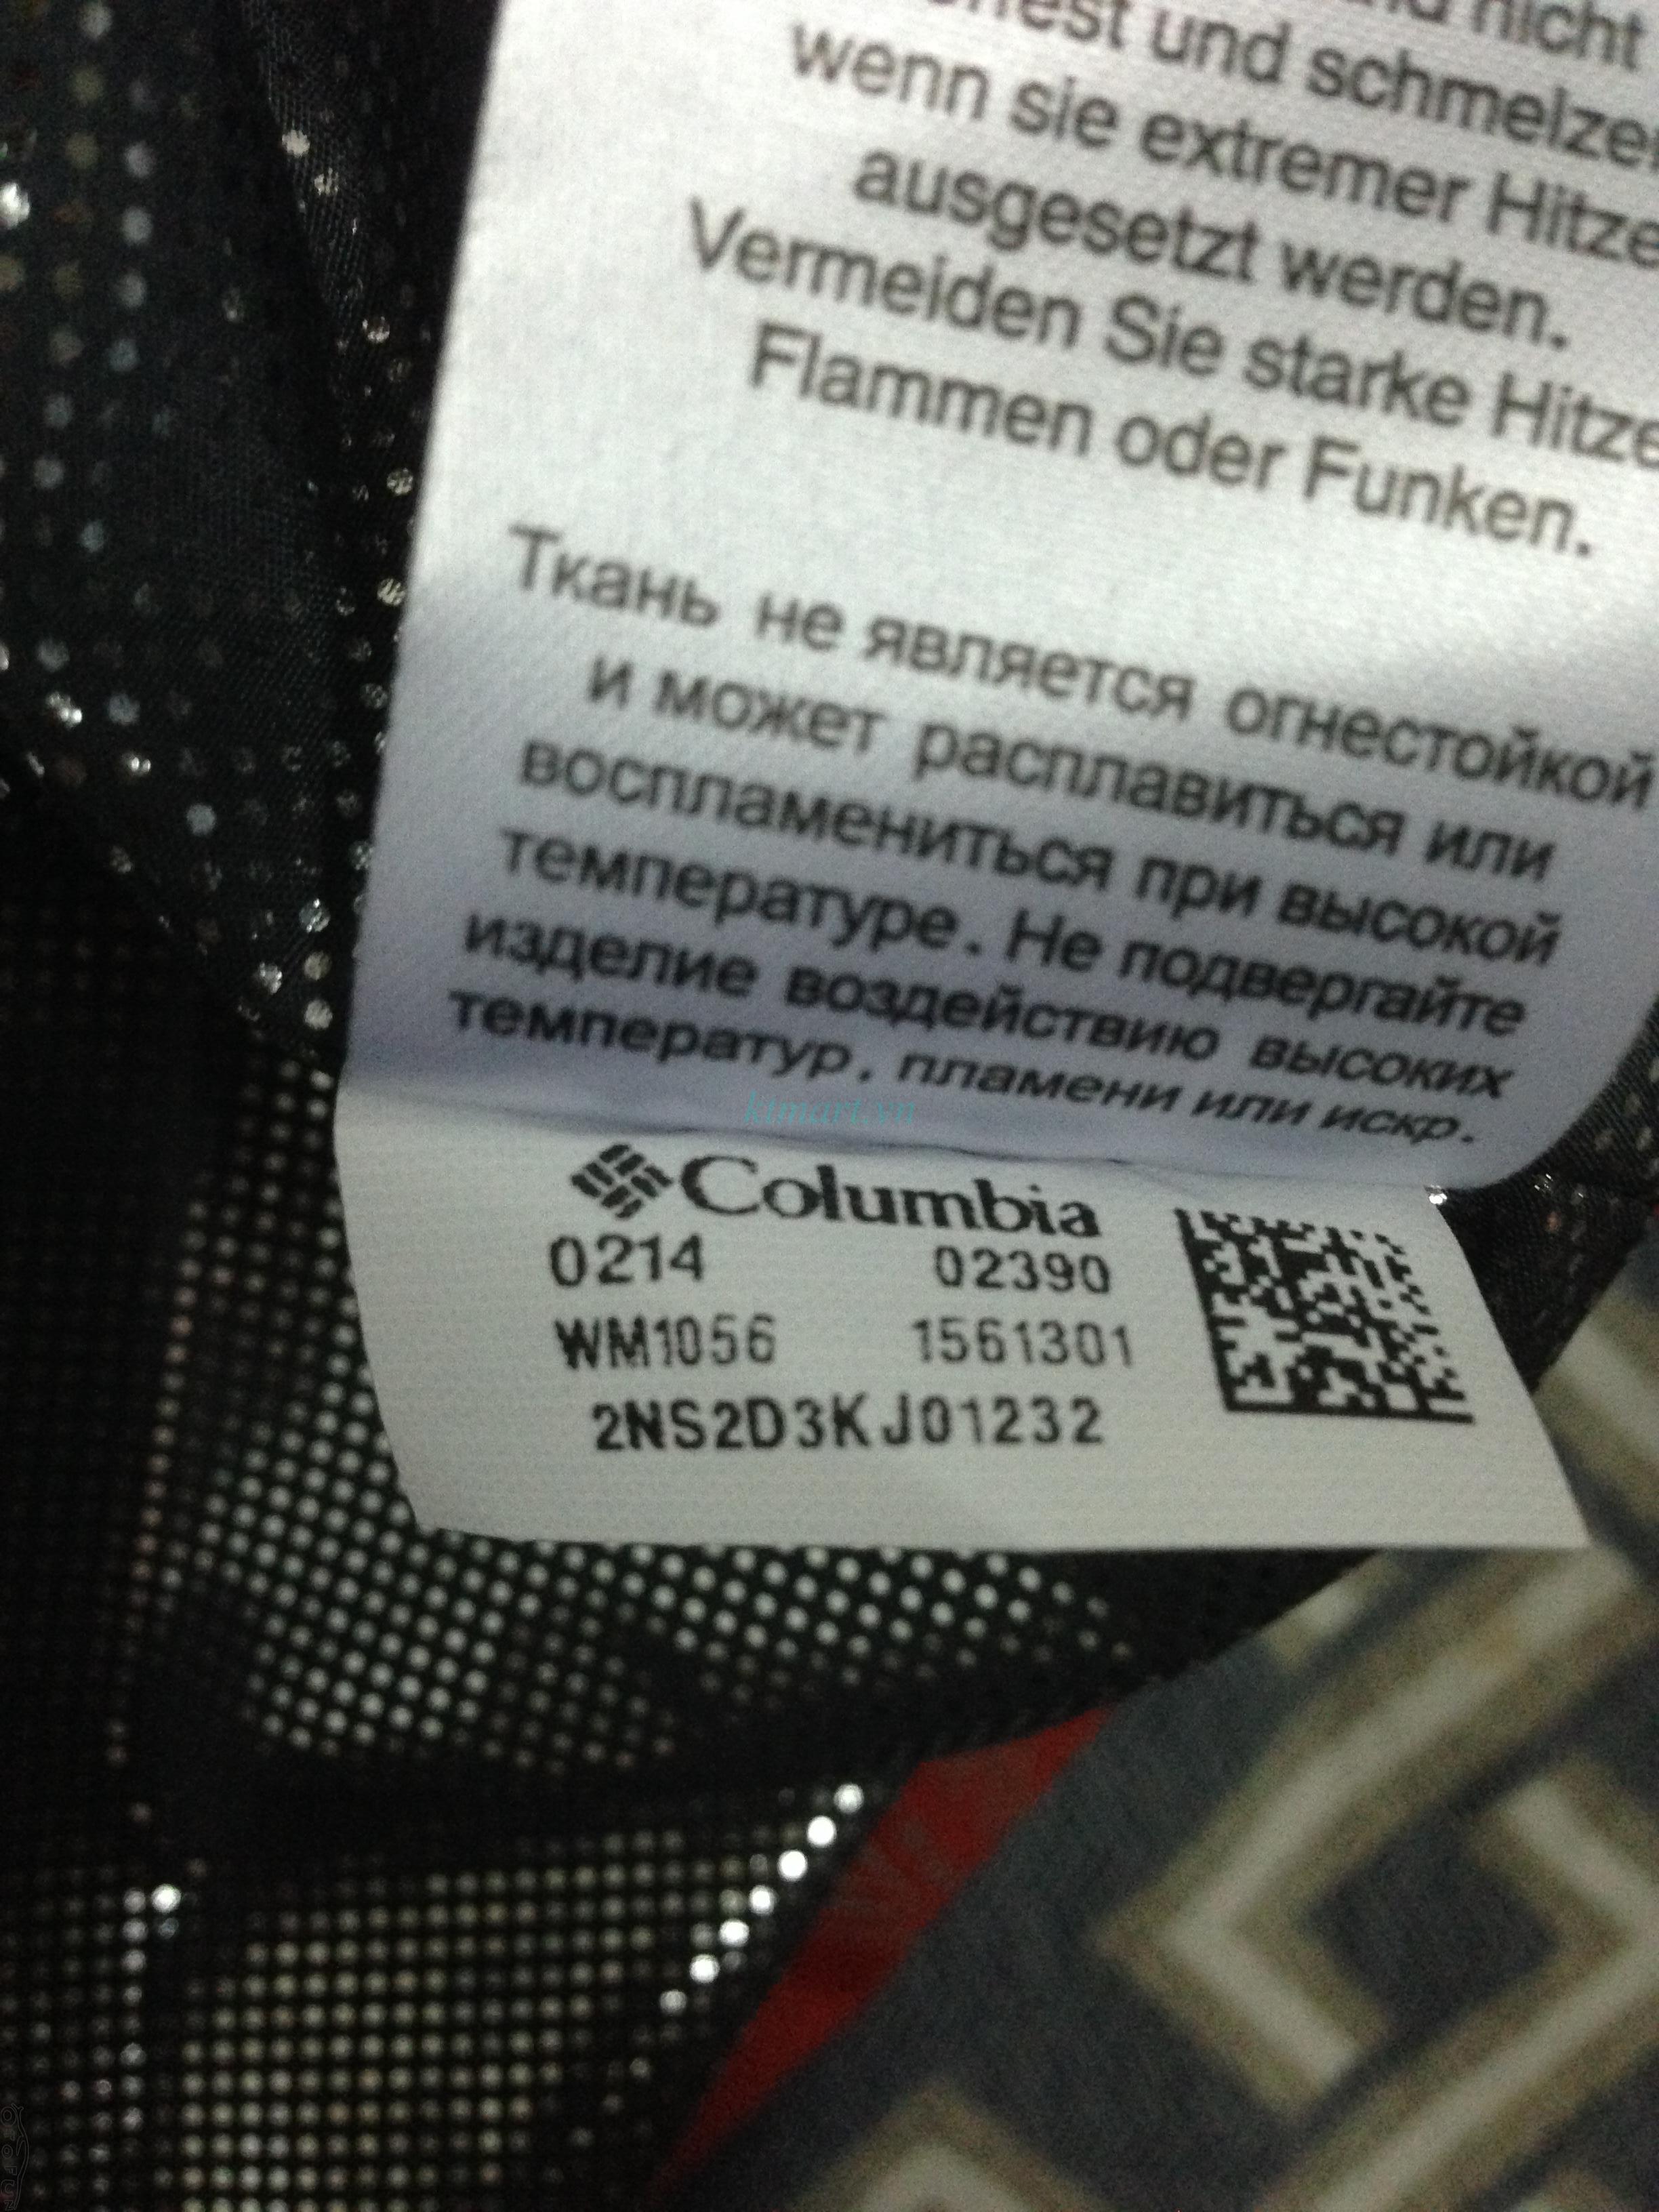 Phân biệt áo Columbia Sportswear Chính hãng